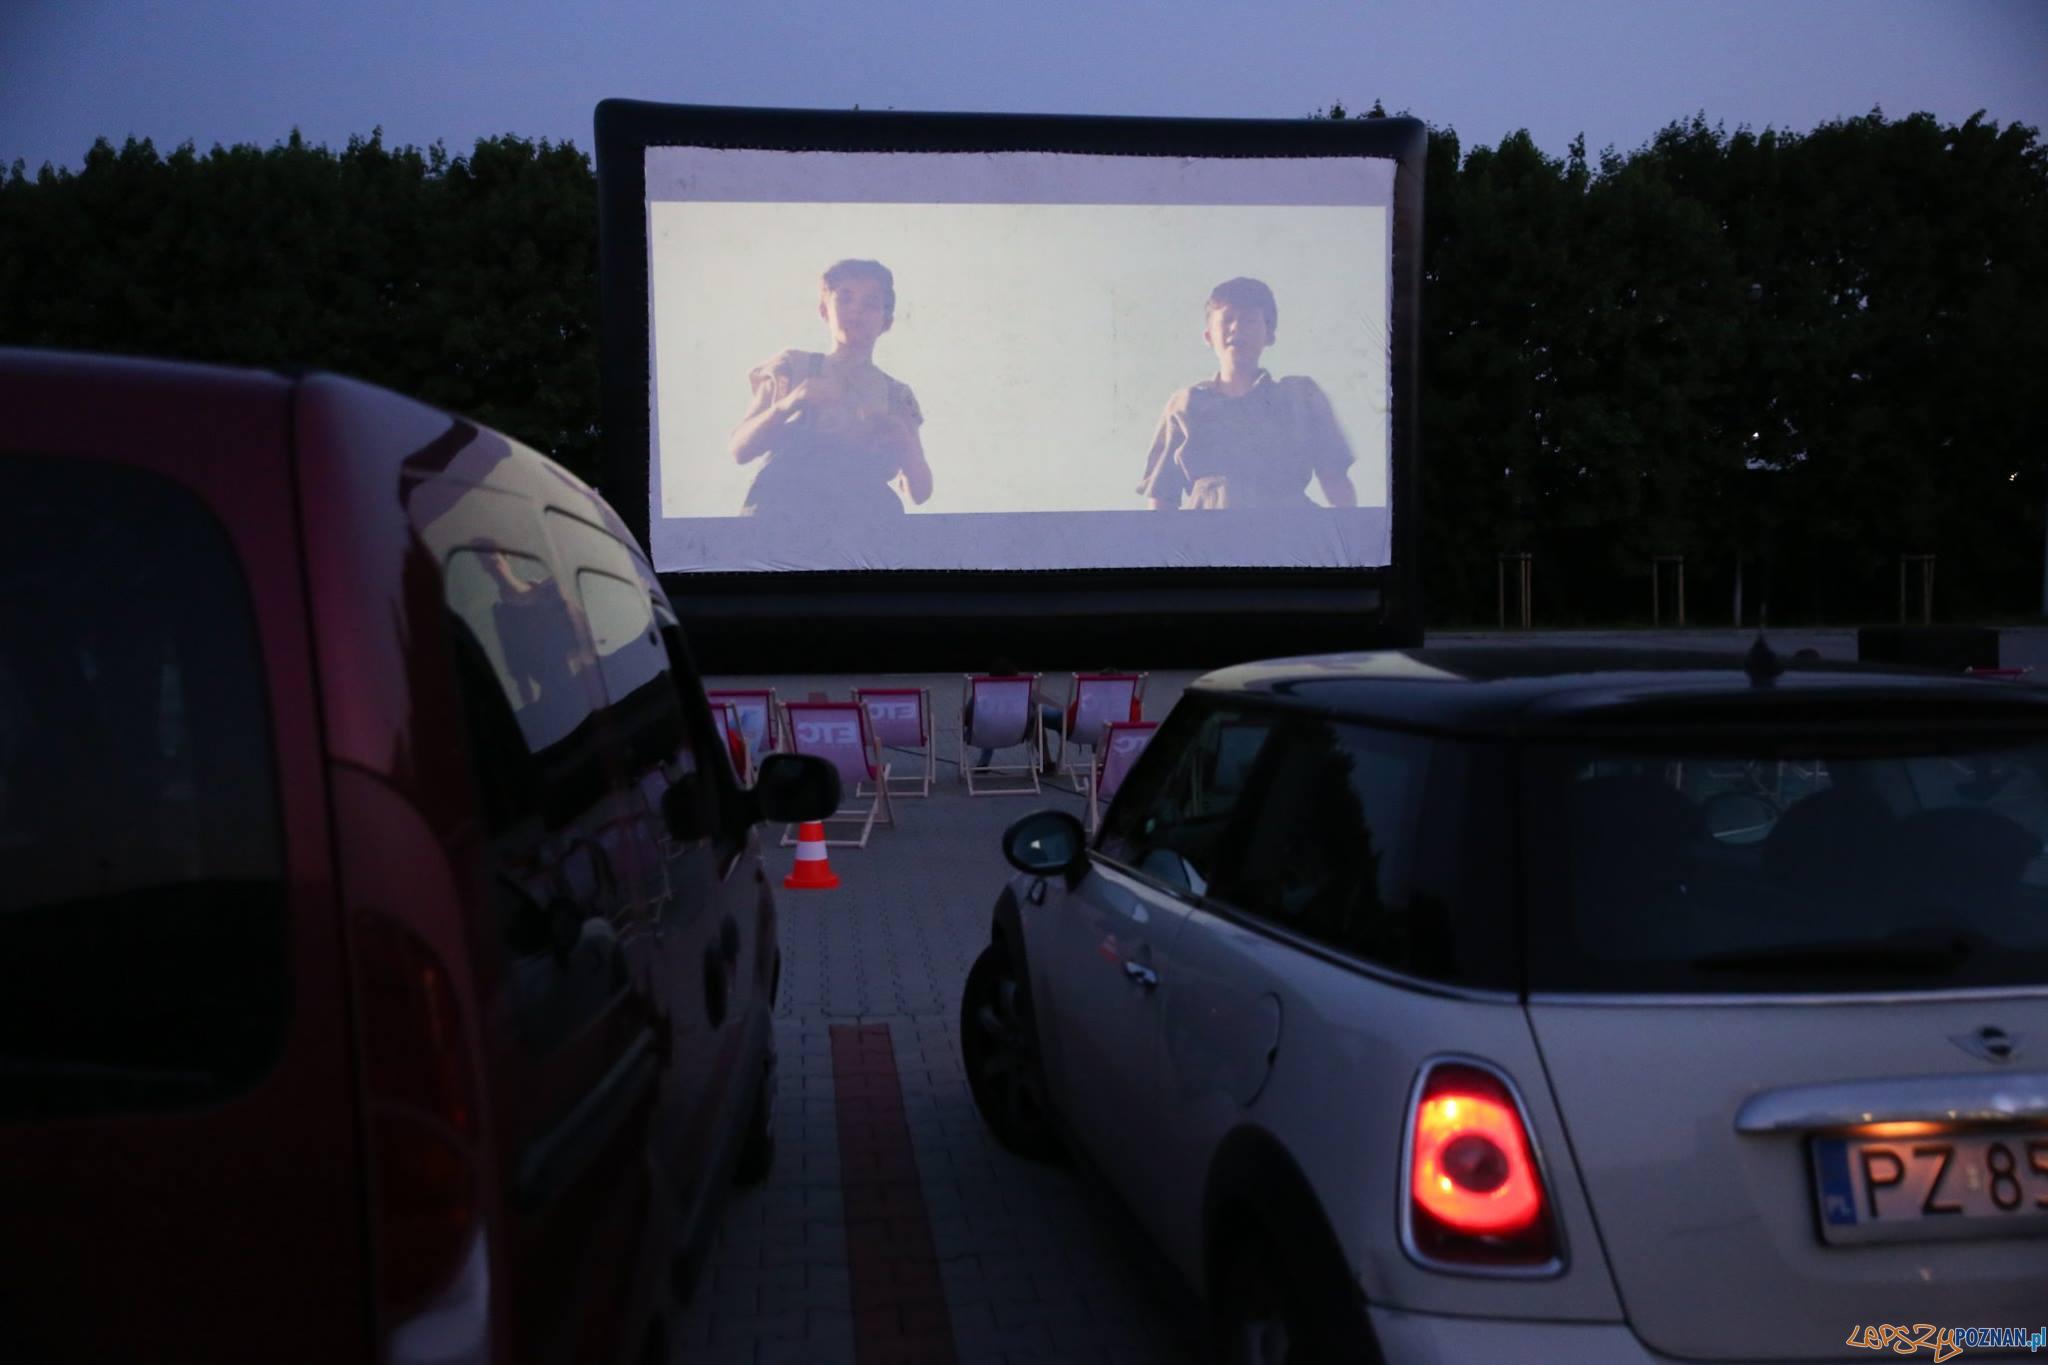 Kino samochodowe - Swarzędz  Foto: faceboook etc